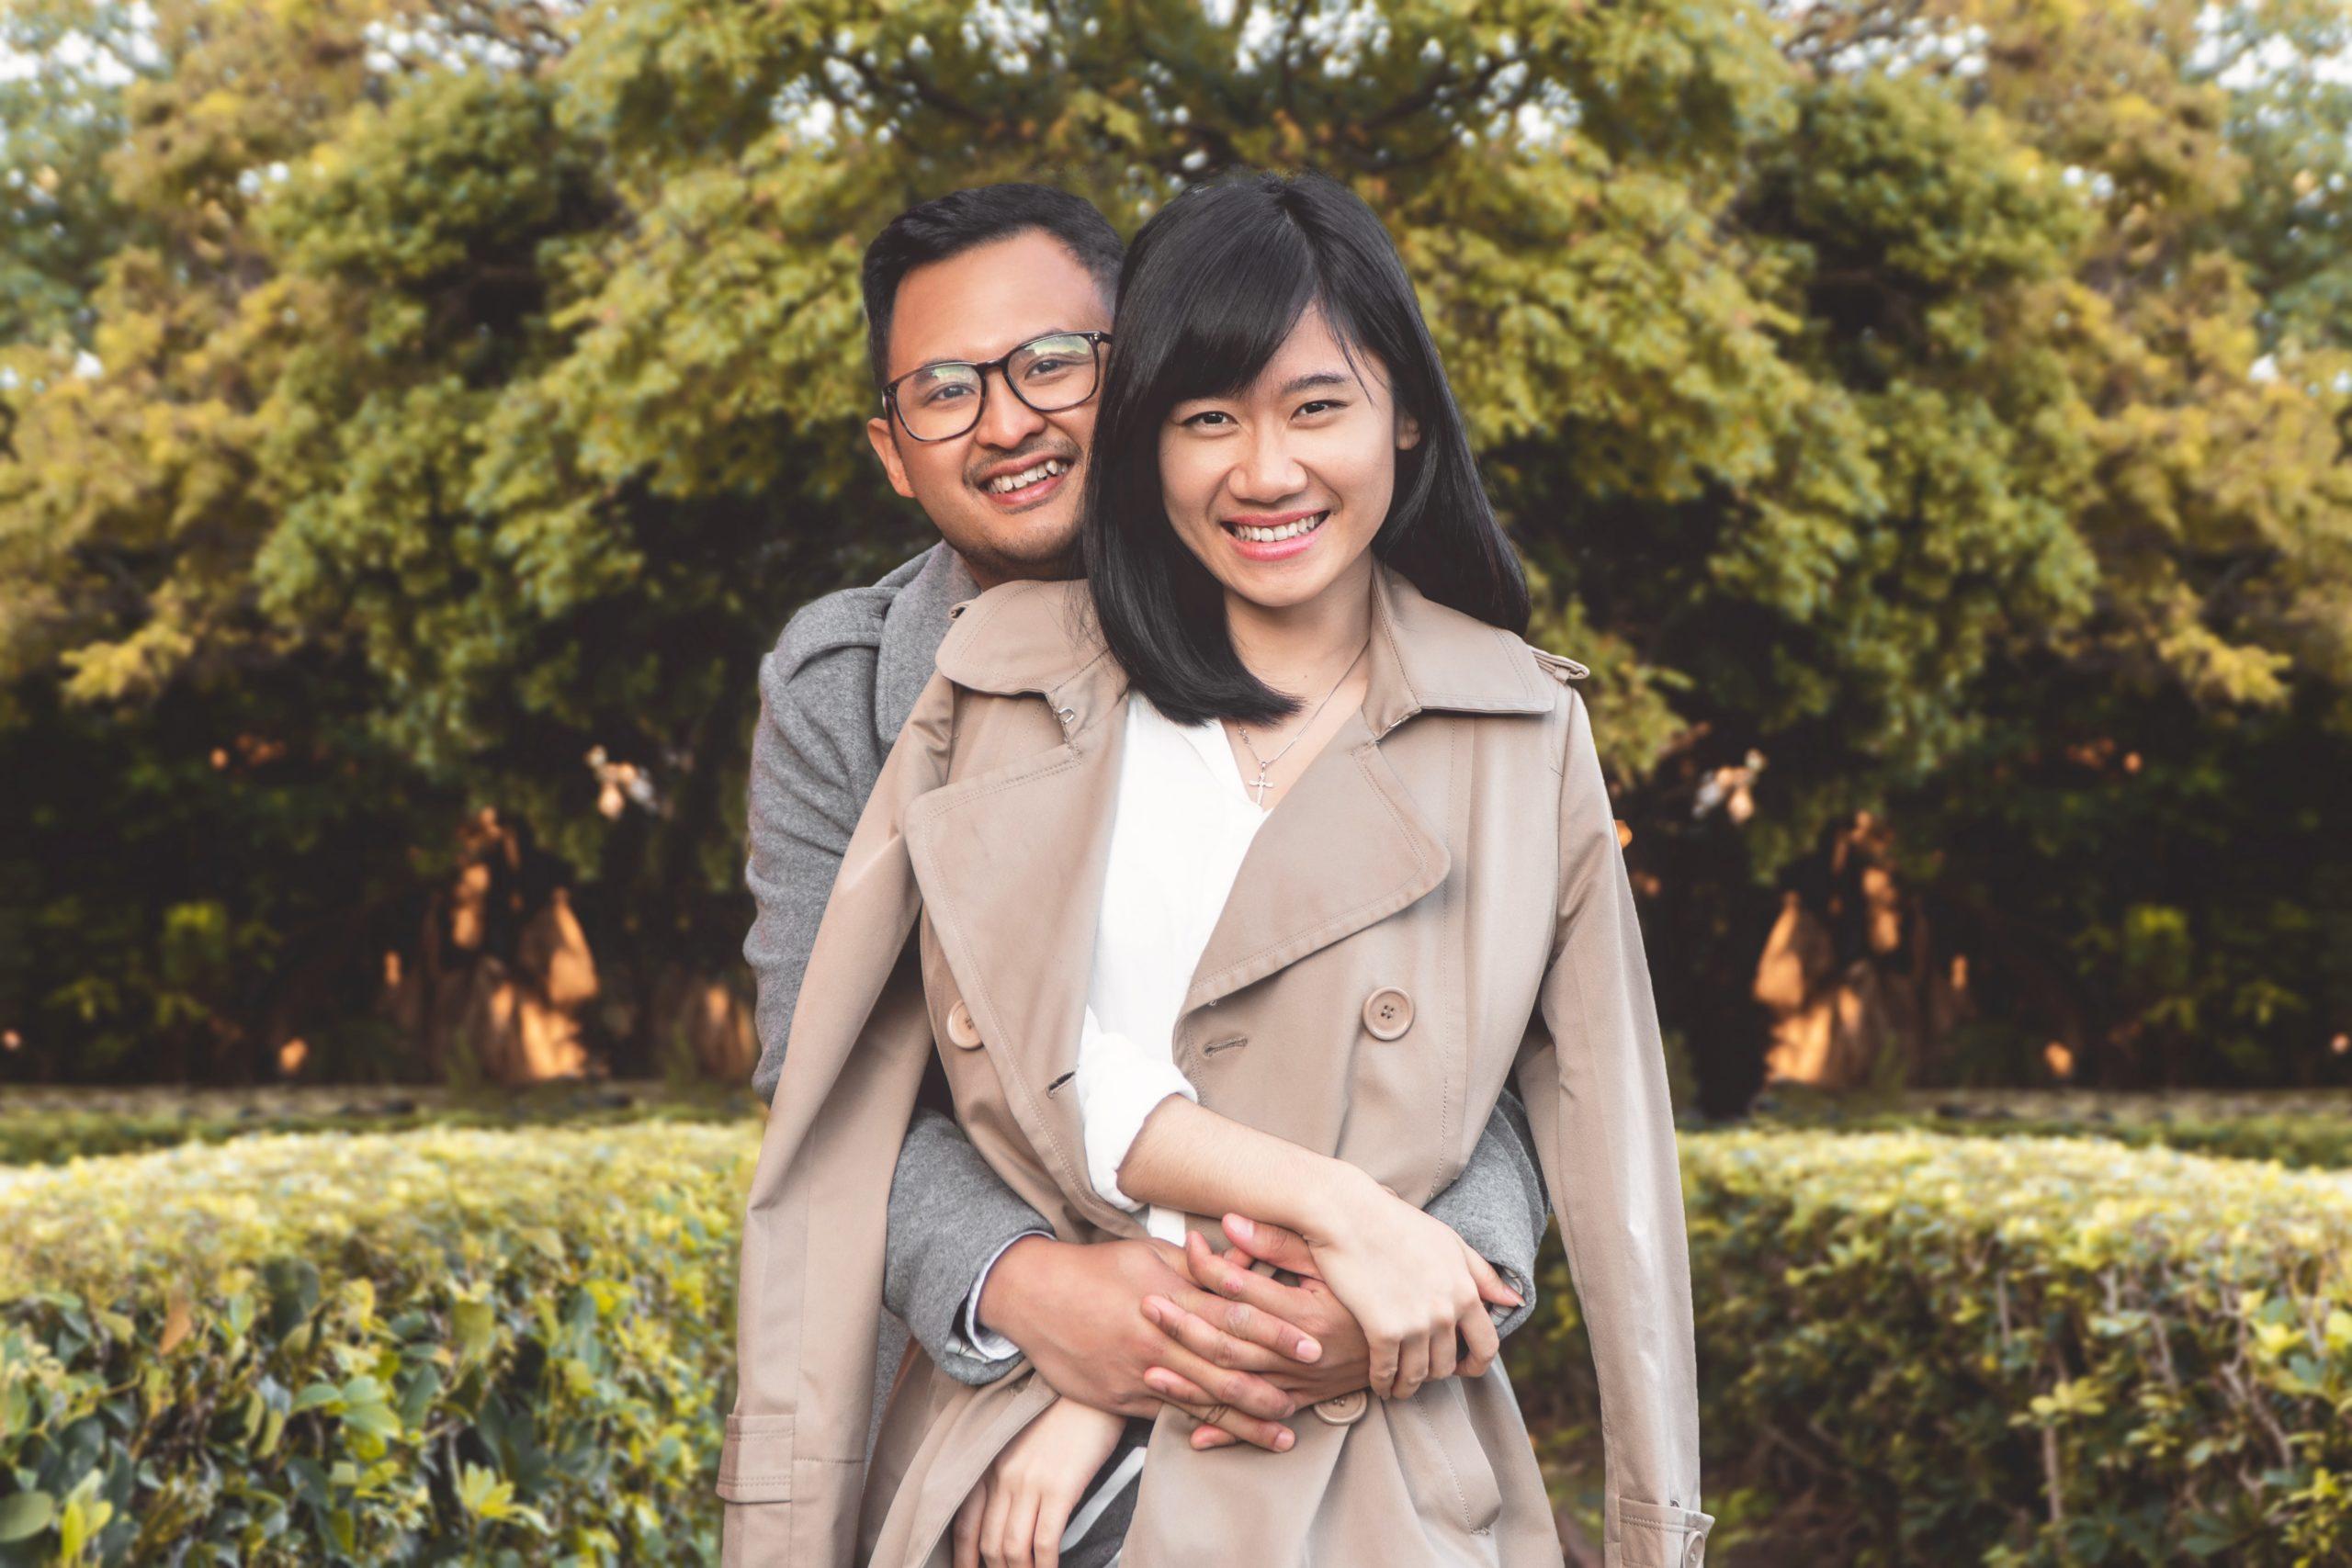 アラサー男性!危険信号|東京婚活ブログ